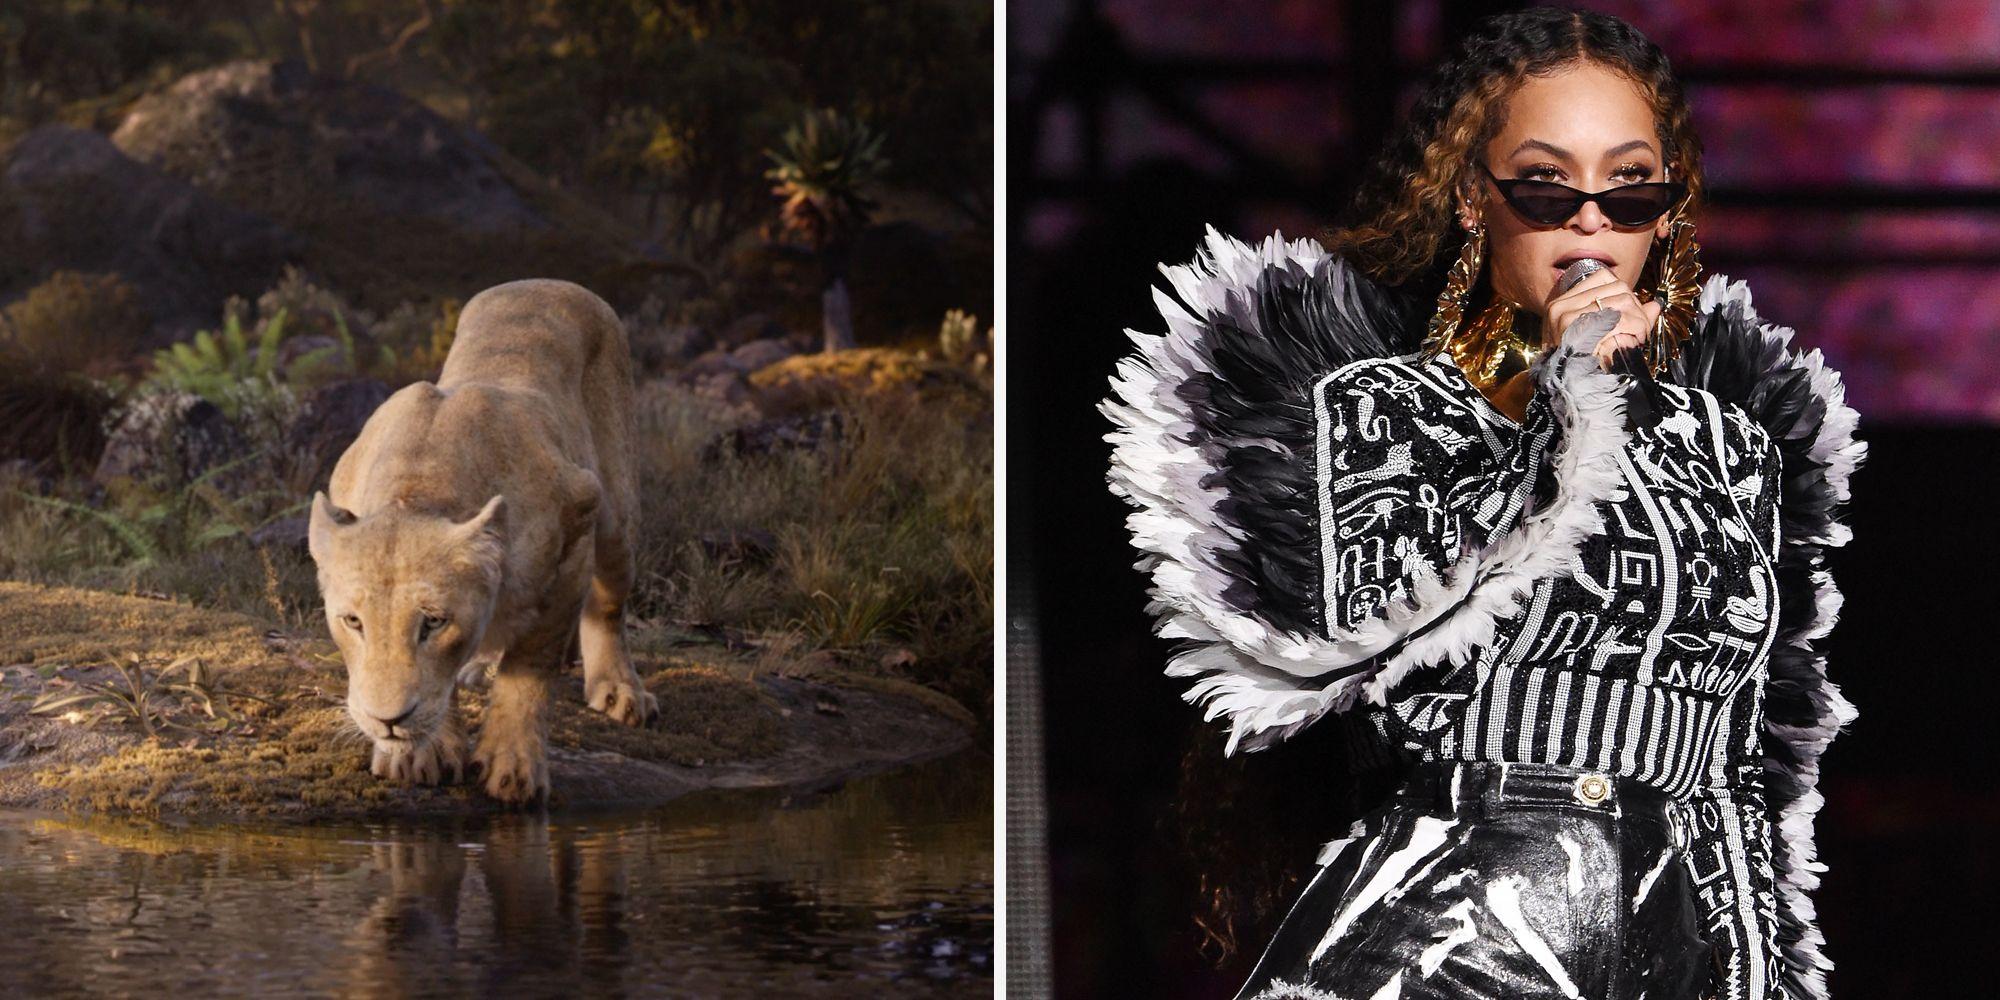 lion king remake cast